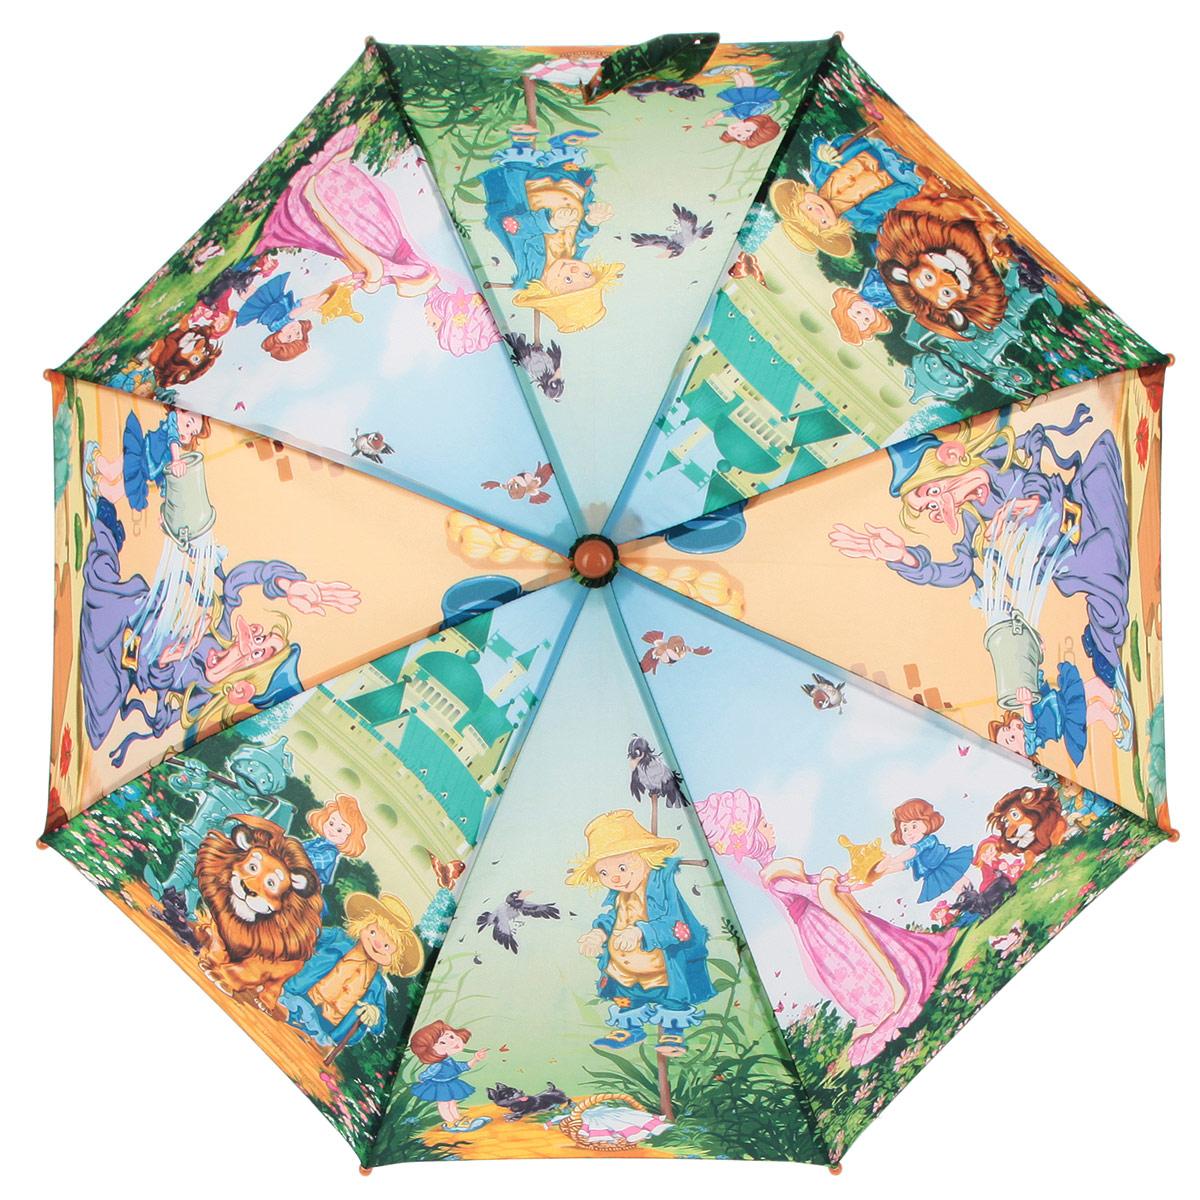 Зонт-трость детский Zest, цвет: зеленый, голубой, мультицвет. 21-0221-02Красочный детский зонт-трость ZEST выполнен из металла и пластика, оформлен принтом с изображениями героев известнейших сказок. Каркас зонта выполнен из восьми спиц, стержень из стали. На концах спиц предусмотрены пластиковые элементы, которые защитят малыша от травм. Купол зонта изготовлен прочного полиэстера. Закрытый купол застегивается на липучку хлястиком. Практичная глянцевая рукоятка закругленной формы разработана с учетом требований эргономики и выполнена из пластика. Зонт раскладывается и складывается при помощи механических воздействий.